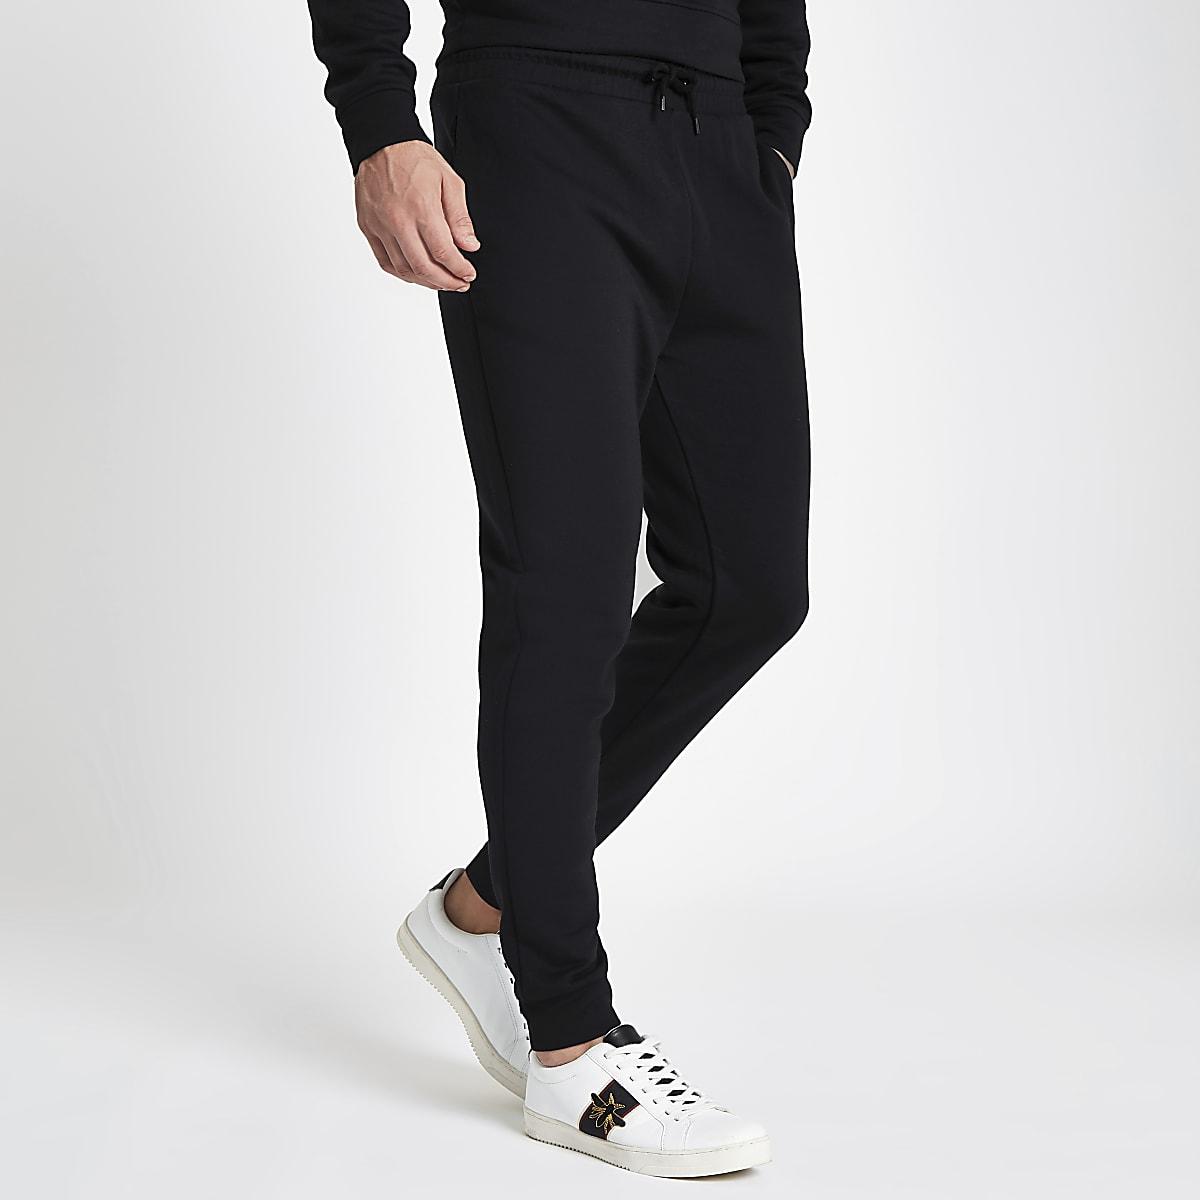 Mooie Joggingbroek Heren.Zwarte Slim Fit Joggingbroek Joggingbroeken Heren